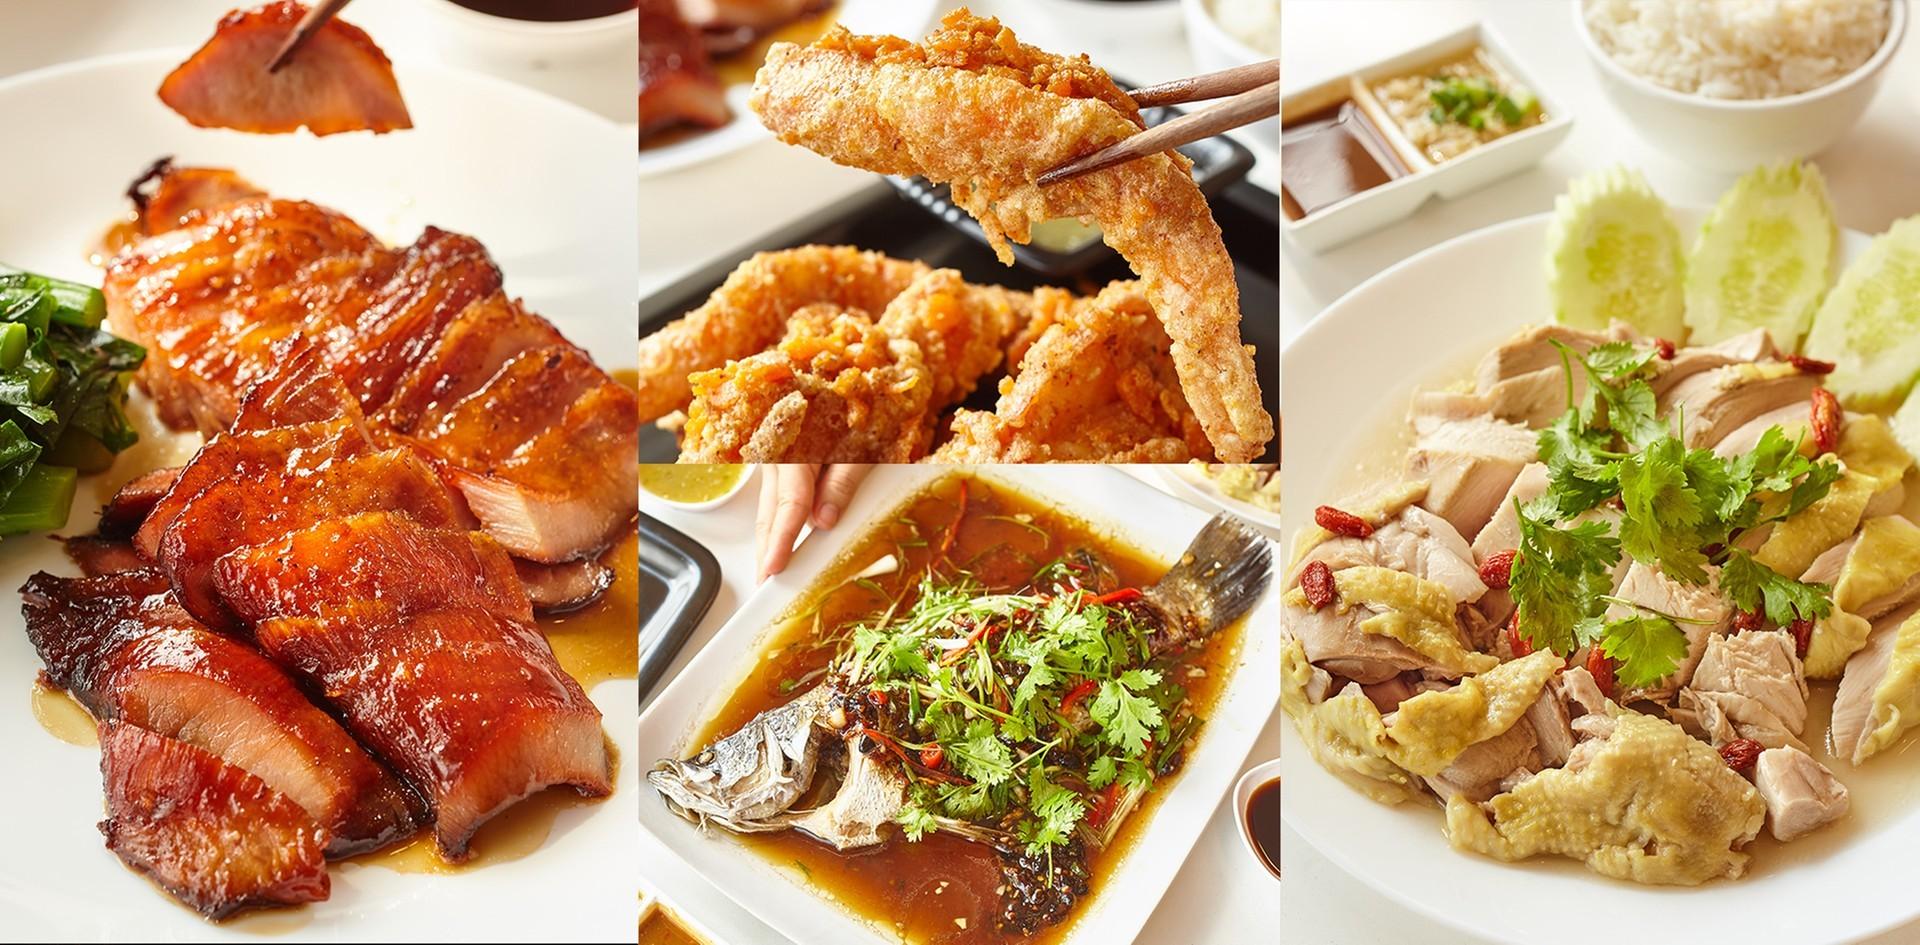 จัดจ้านสะท้านต่อมรับรส อาหารจีนสไตล์ฮ่องกง @Puilin Hongkong Food Style